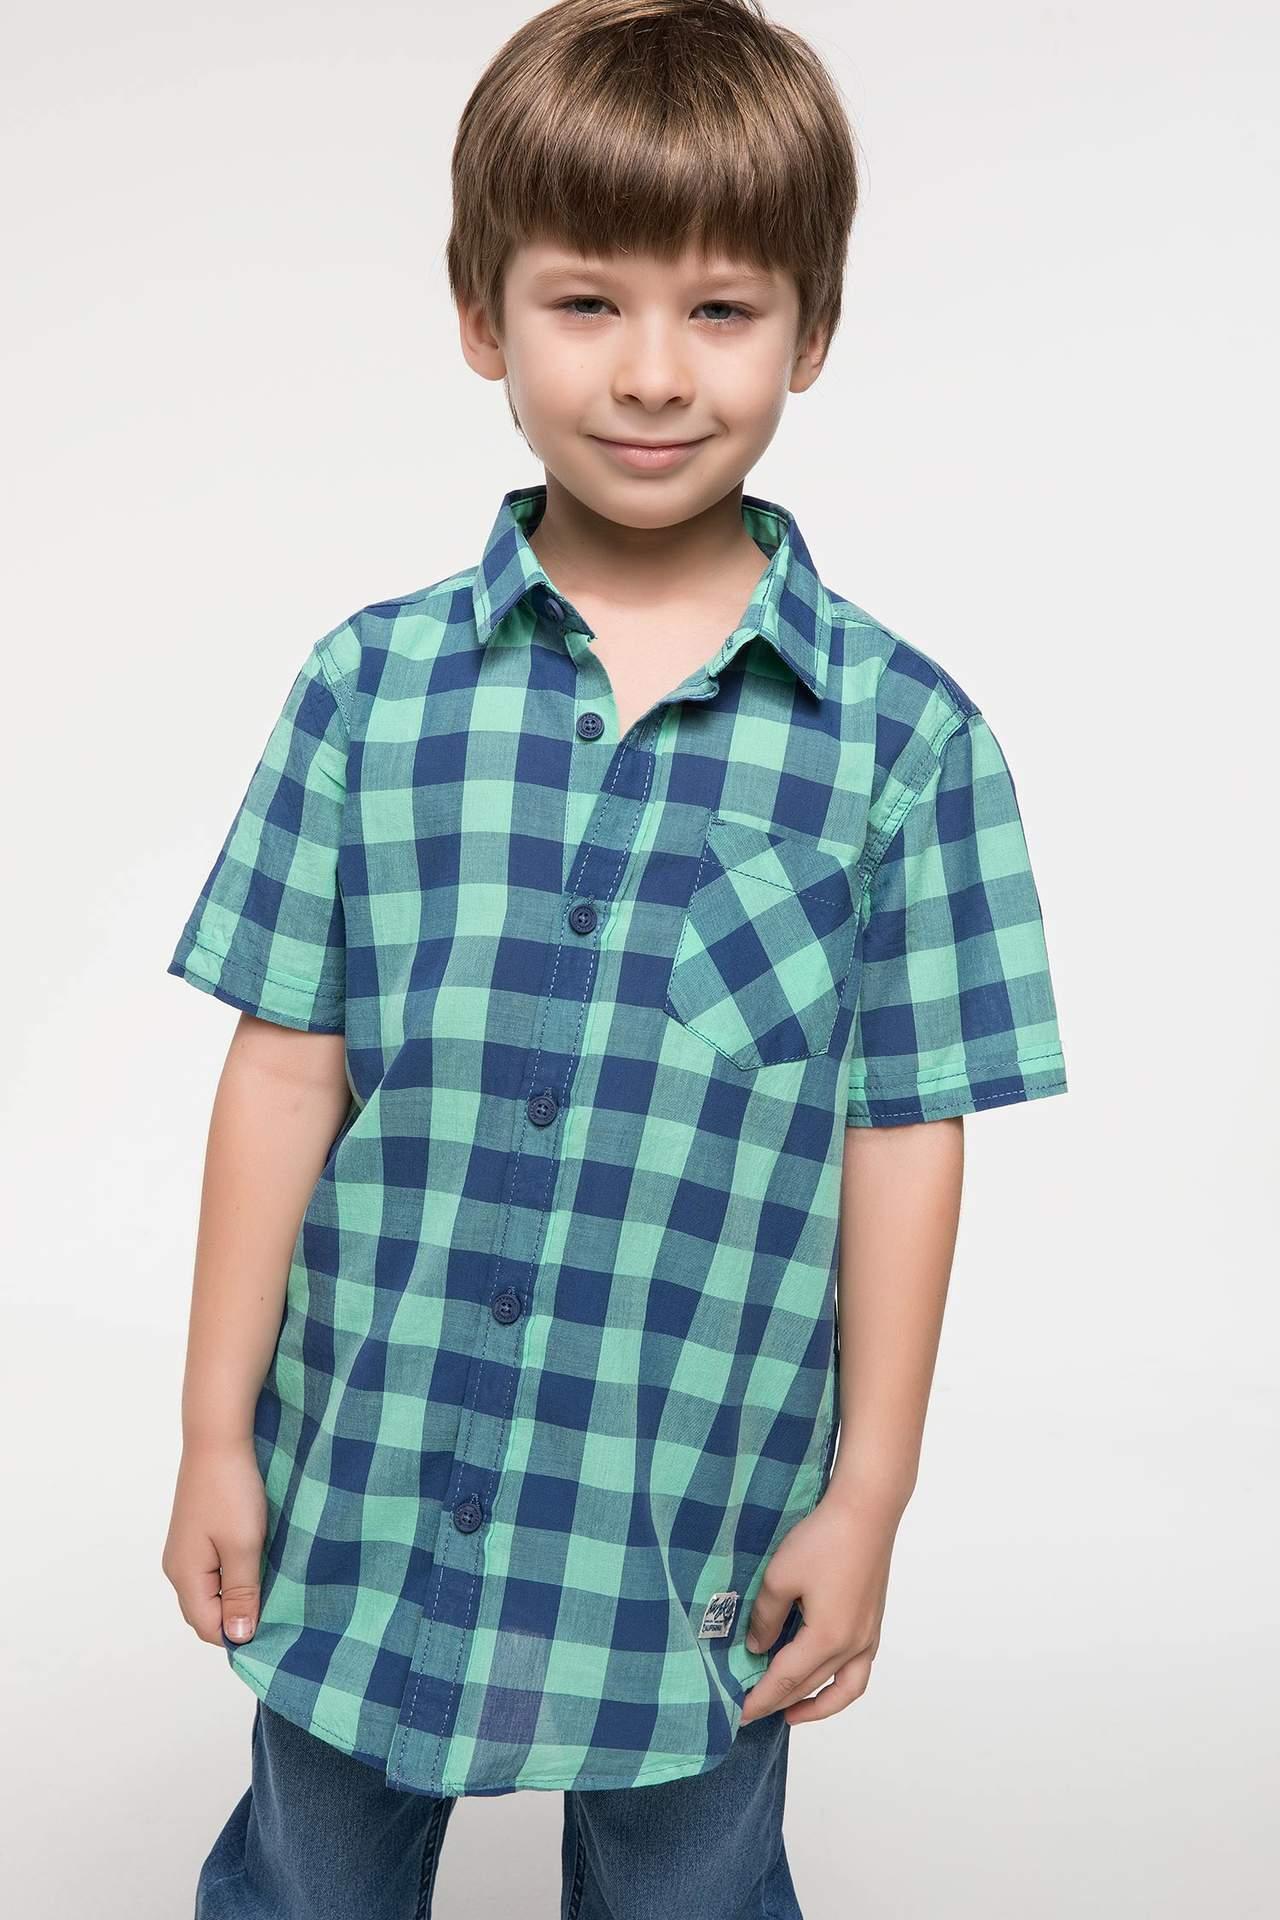 DeFacto Erkek Çocuk Ekoseli Poplin Kısa Kollu Gömlek Turkuaz male